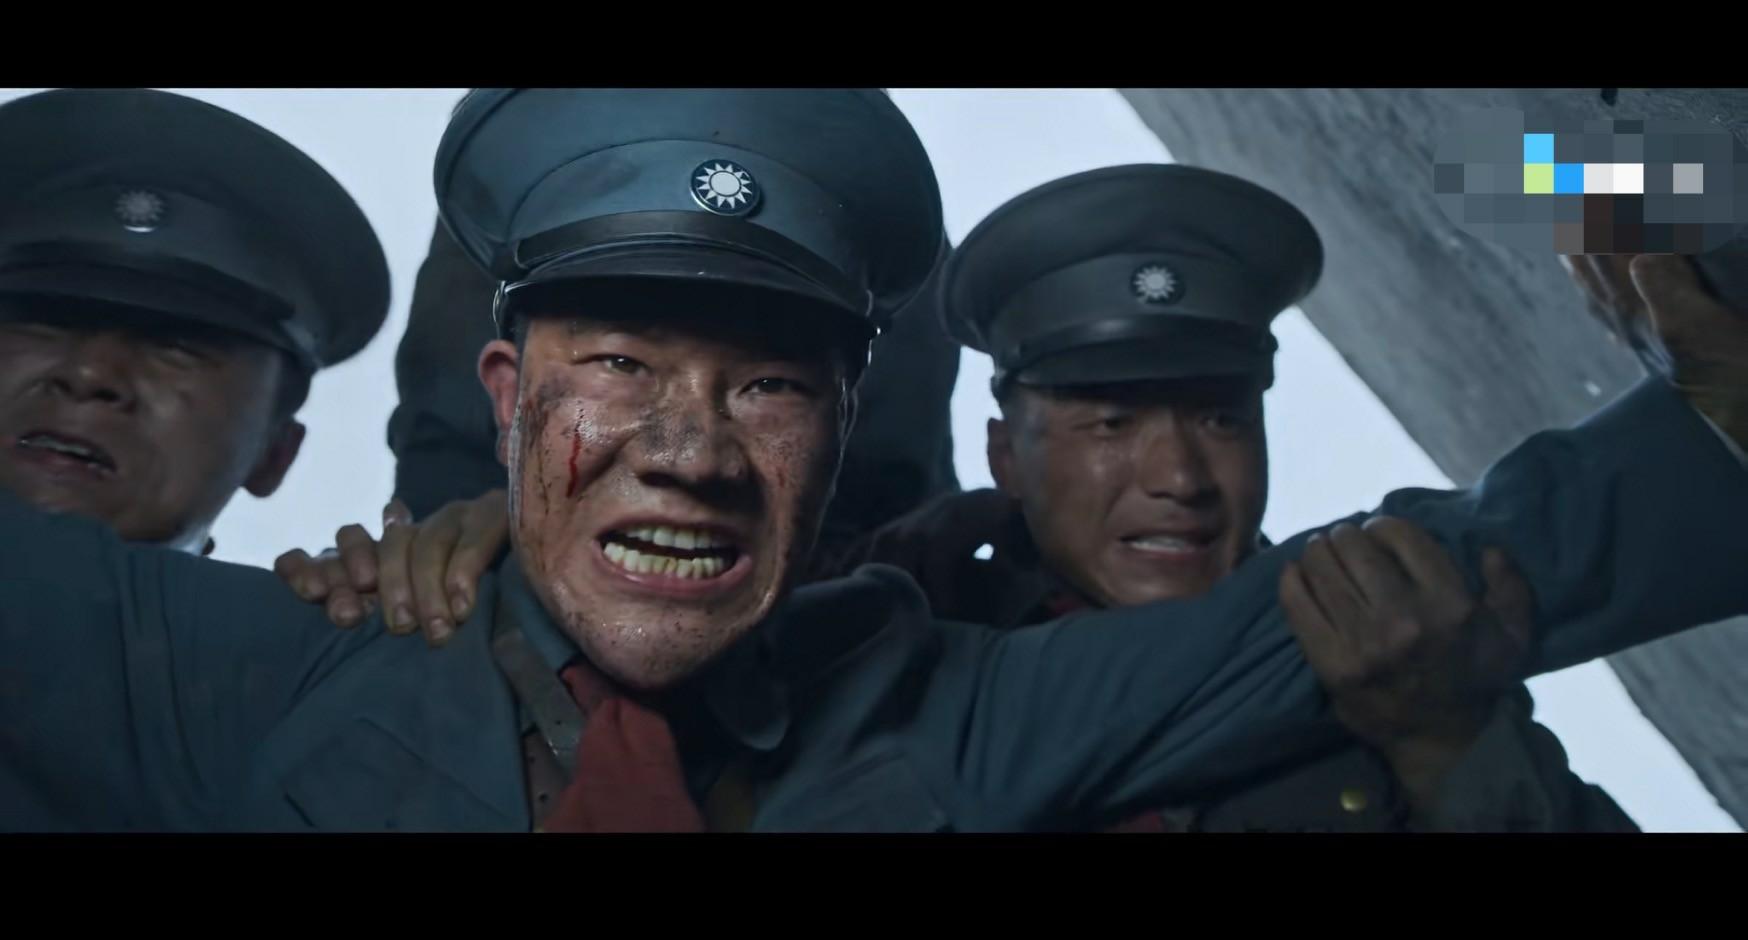 从《小兵张嘎》到《光荣与梦想》谢孟伟都经历了什么?